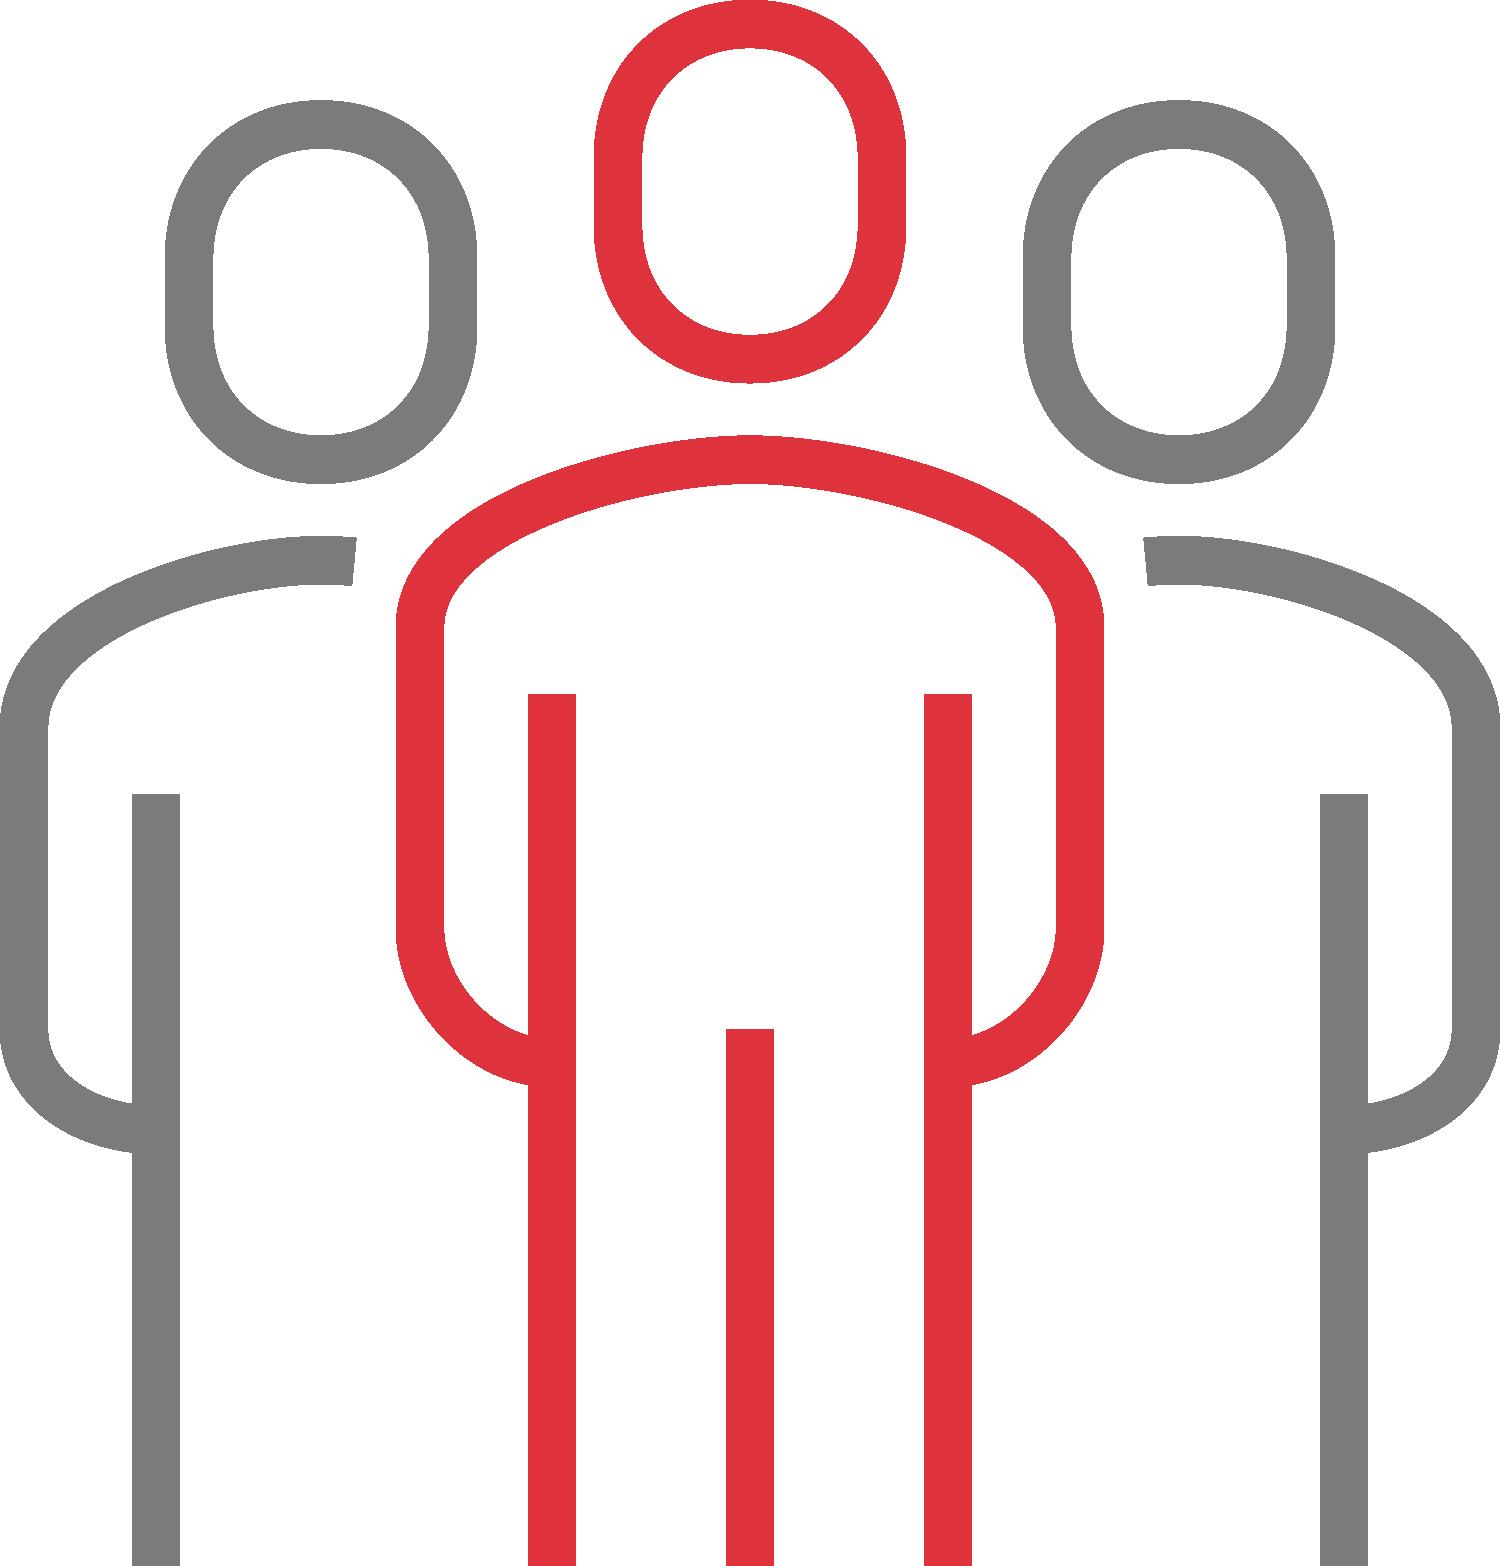 anzeige_anwesende_mitarbeiter_icon